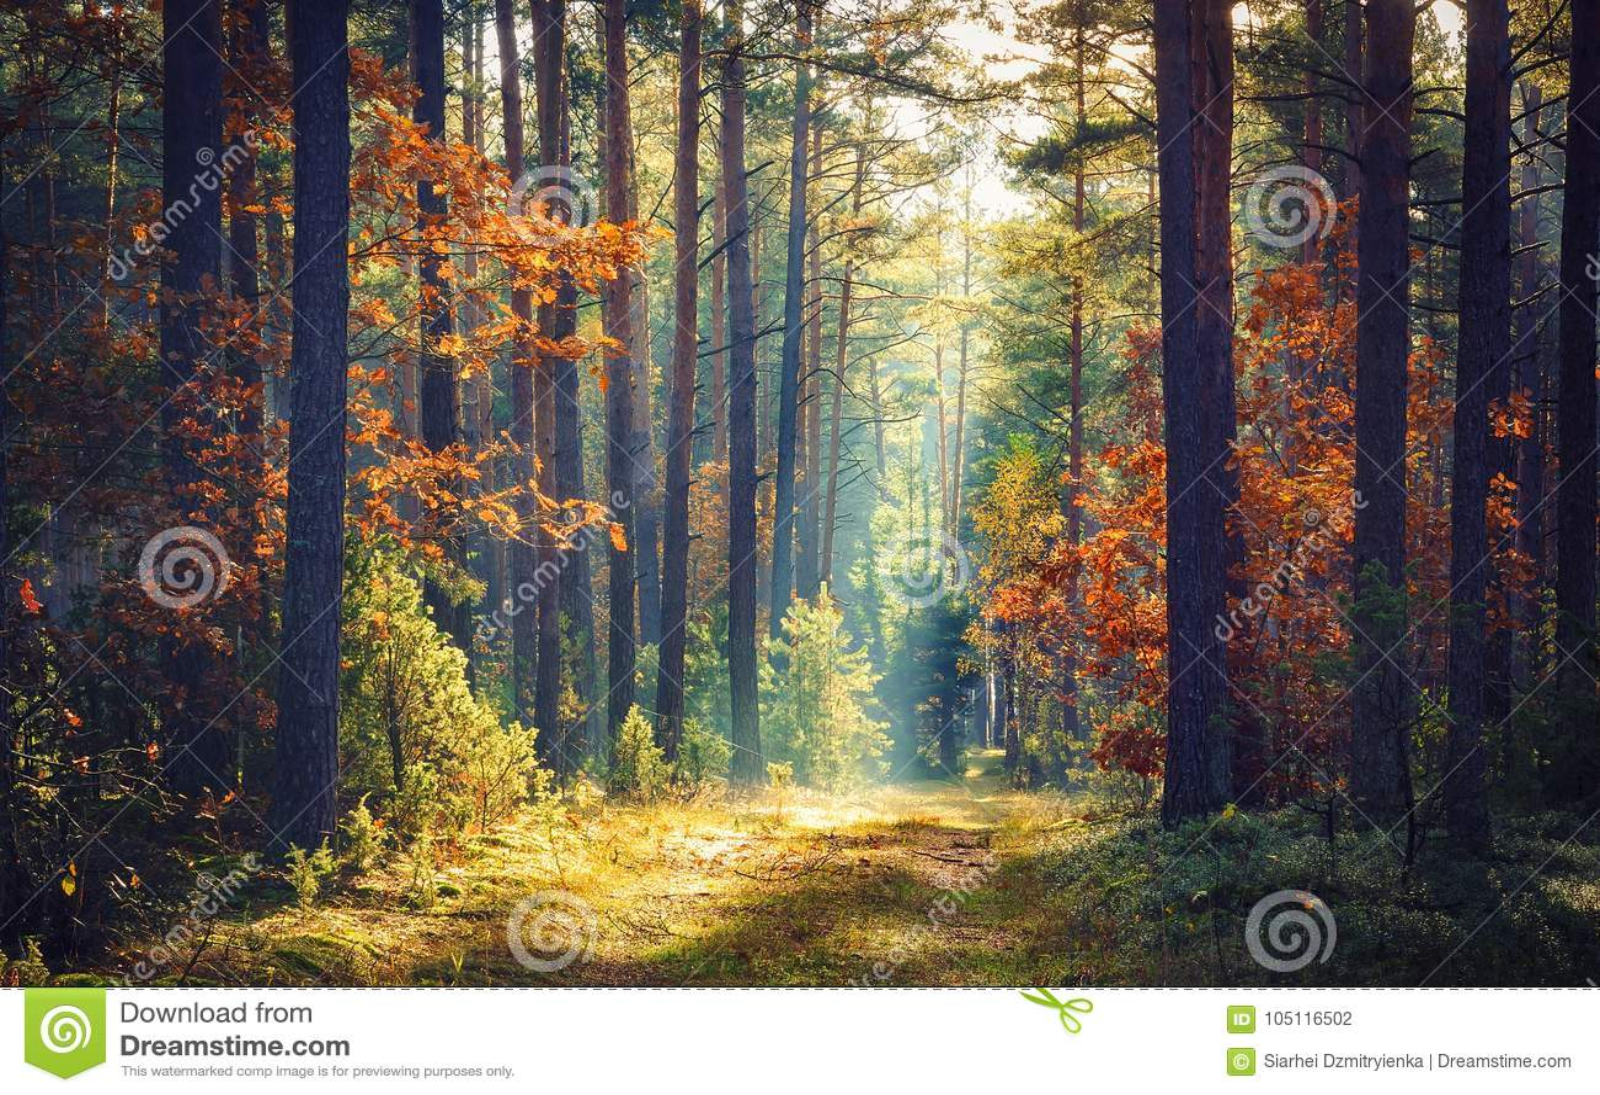 Δασική φύση φθινοπώρου Ζωηρό πρωί στο ζωηρόχρωμο δάσος με τις ακτίνες ήλιων μέσω των κλάδων των δέντρων Τοπίο της φύσης με το φως